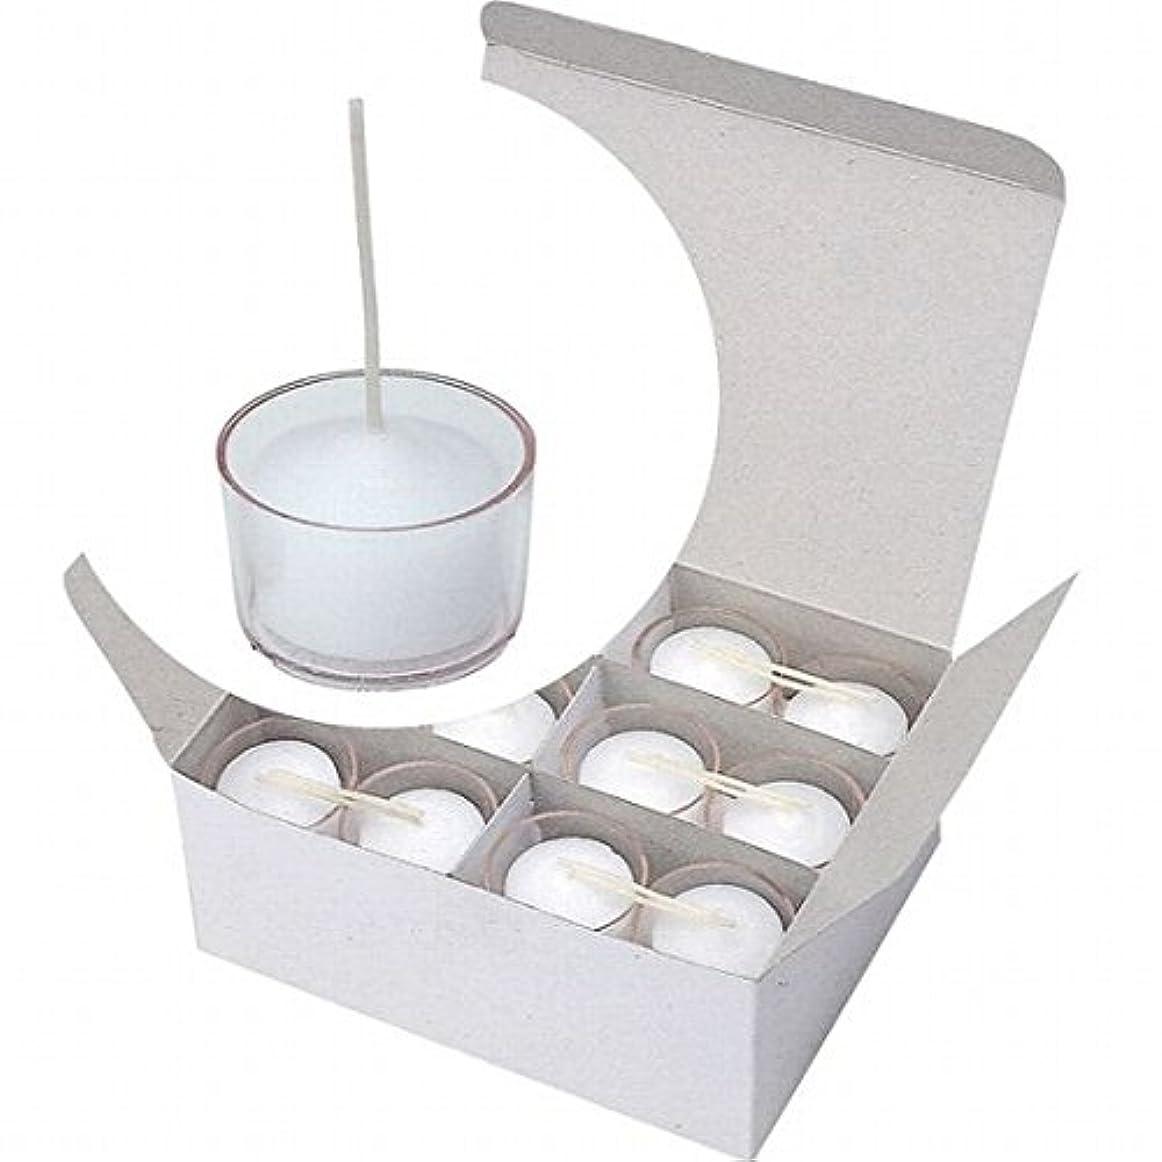 バンジョー小麦スタジオヤンキーキャンドル(YANKEE CANDLE) クリアカップボーティブロングウィック4時間タイプ 24個入り